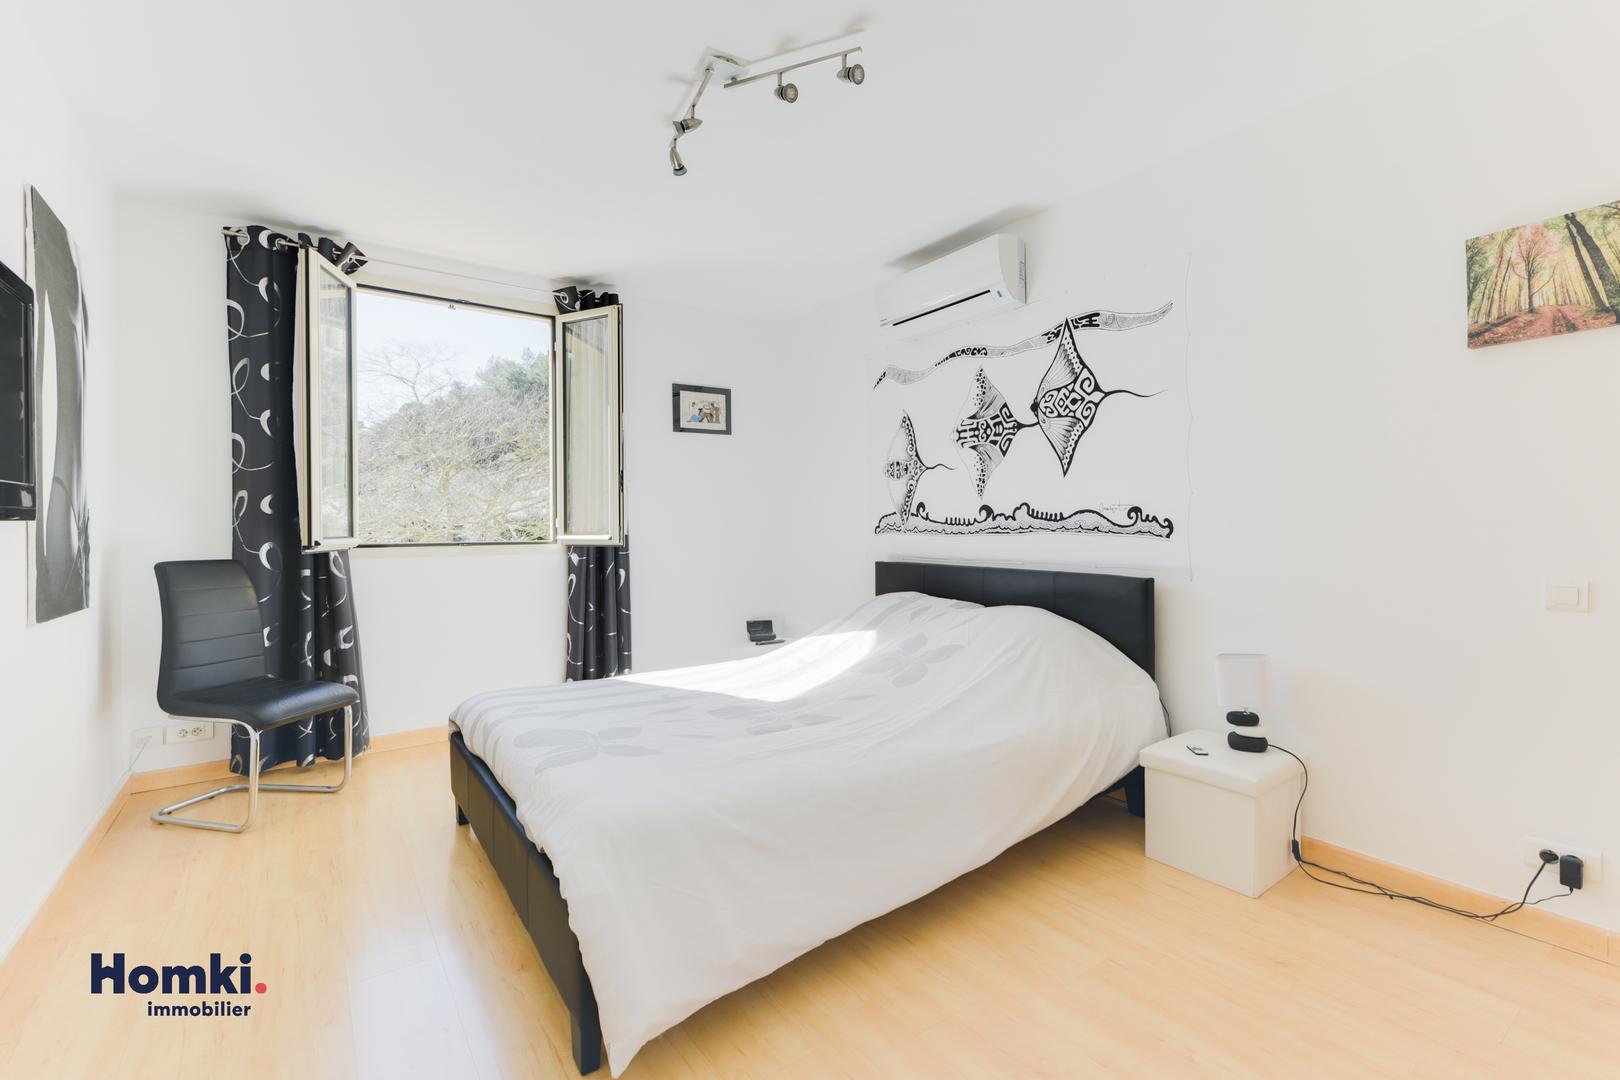 Vente Maison 160 m² T5 06440_8